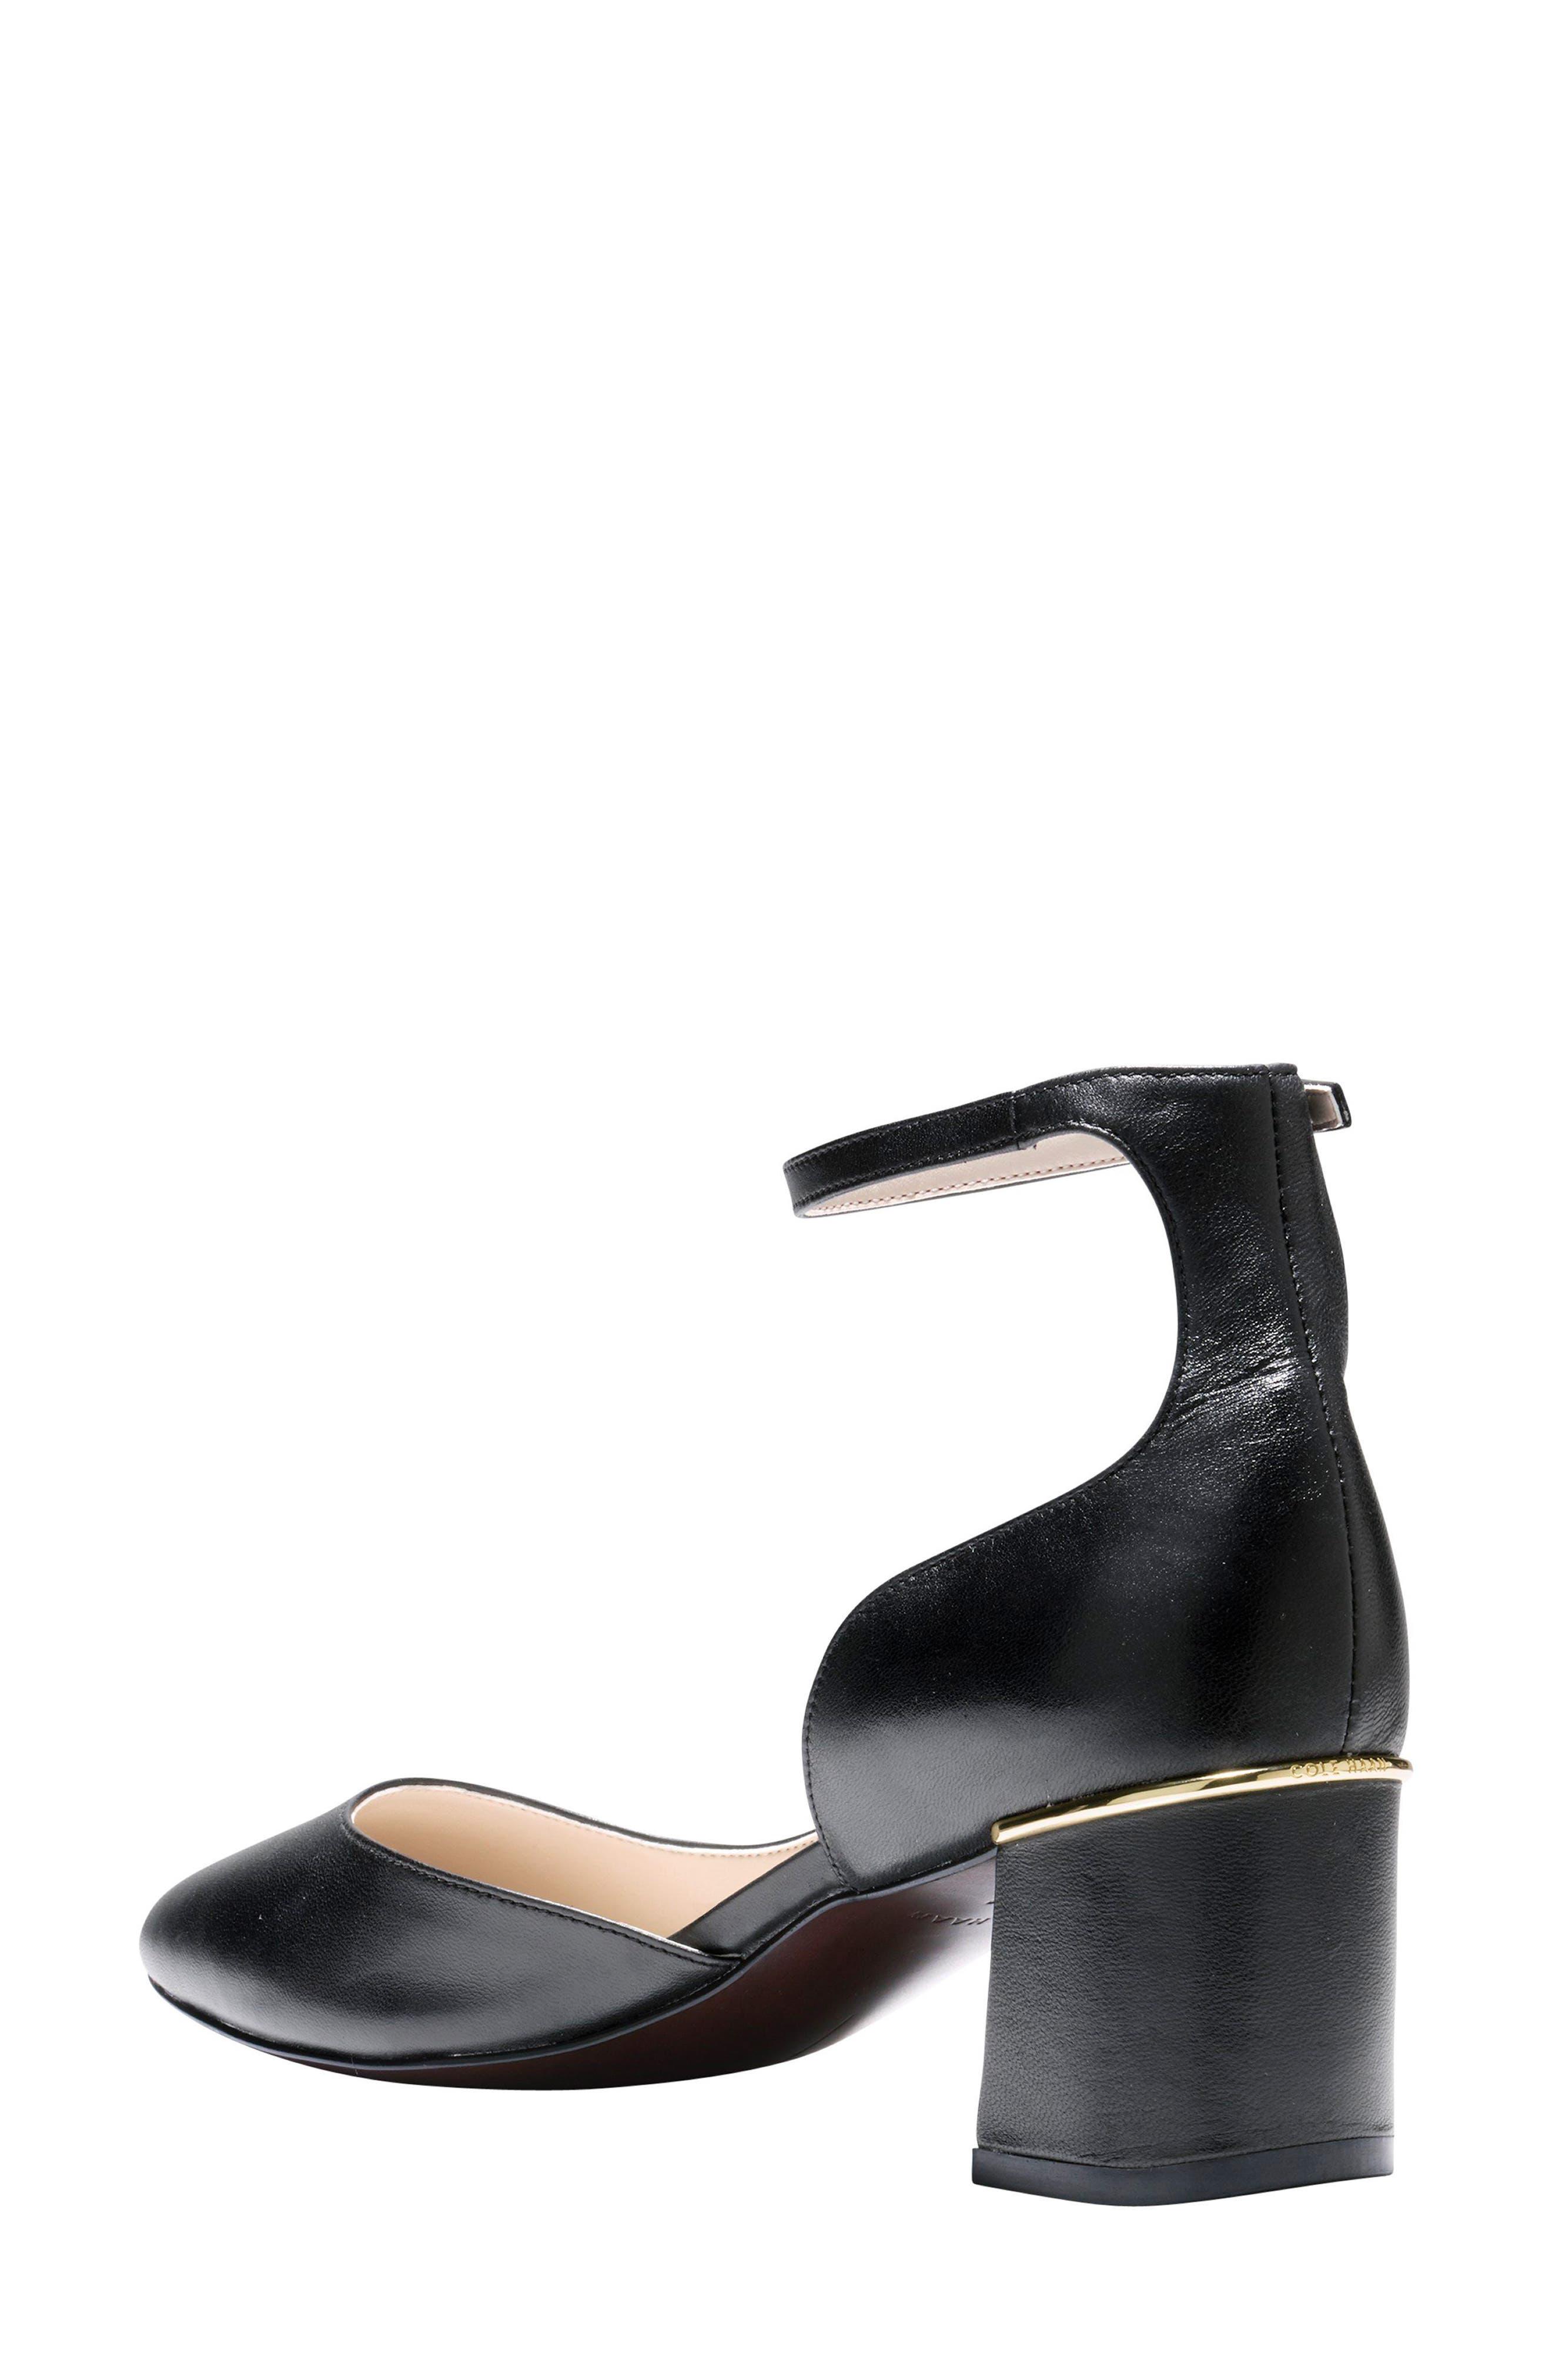 Warner Ankle Strap Pump,                             Alternate thumbnail 2, color,                             Black Leather